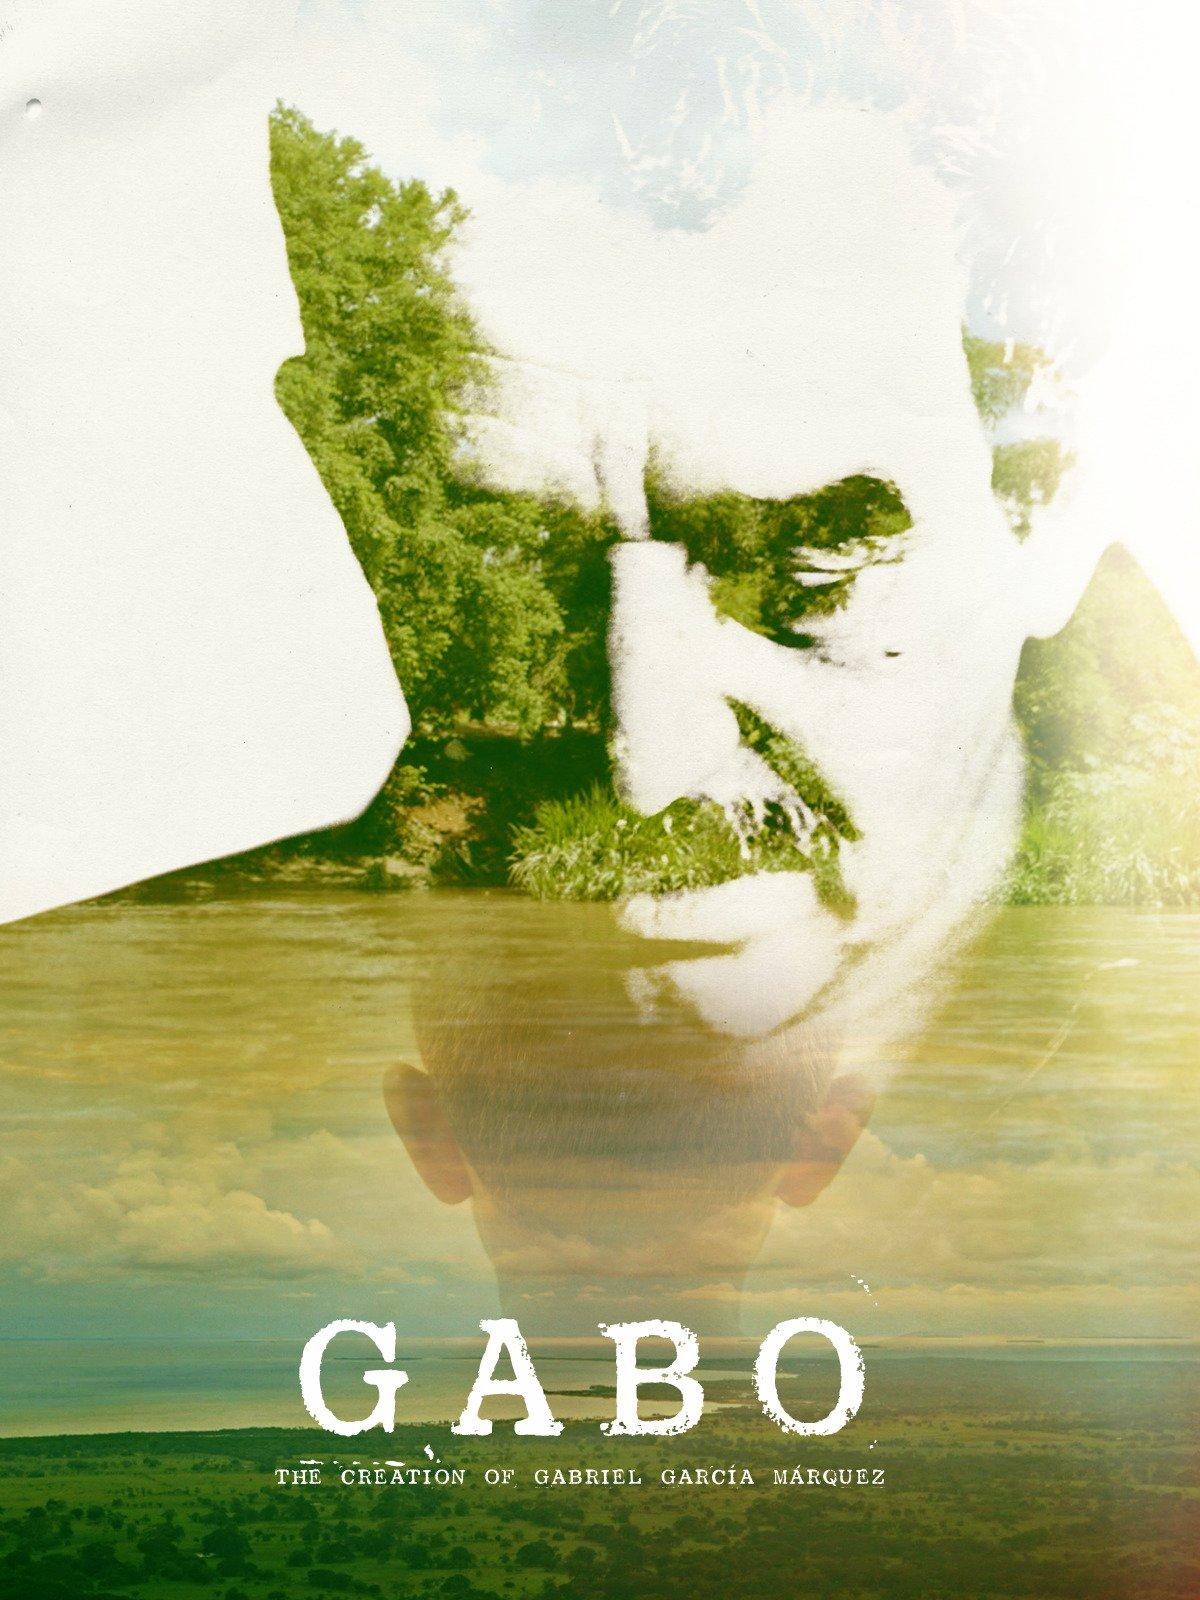 Gabo: The Creation of Gabriel Garcia Marquez